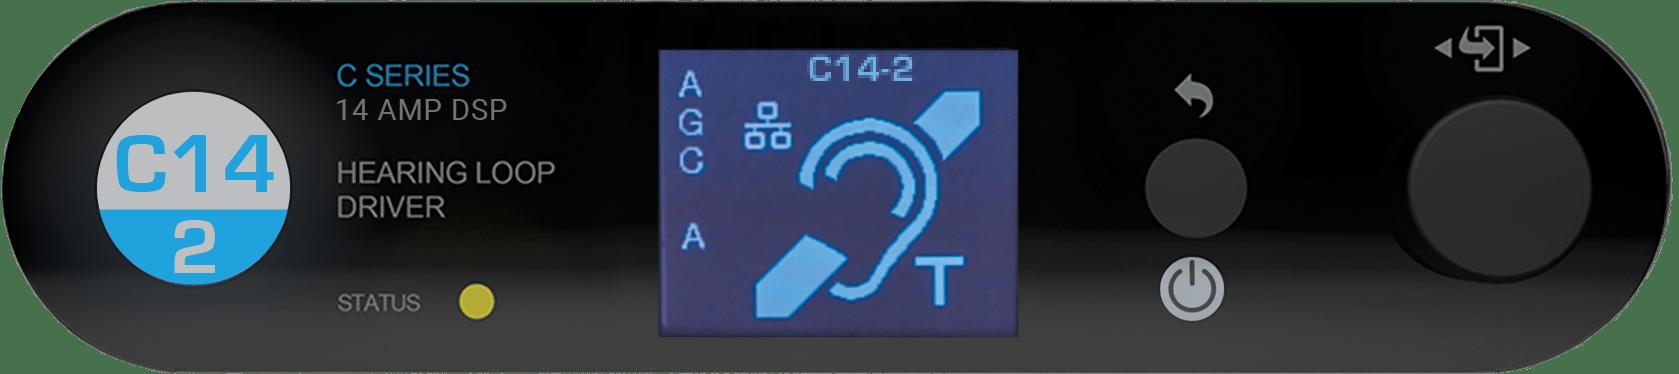 C14-2 MultiLoop hearing loop driver